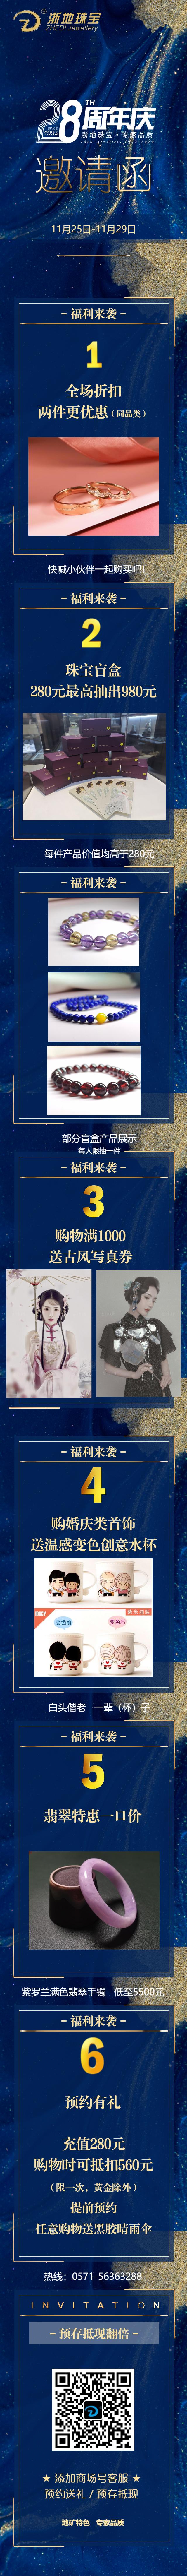 浙地珠寶28周年店慶